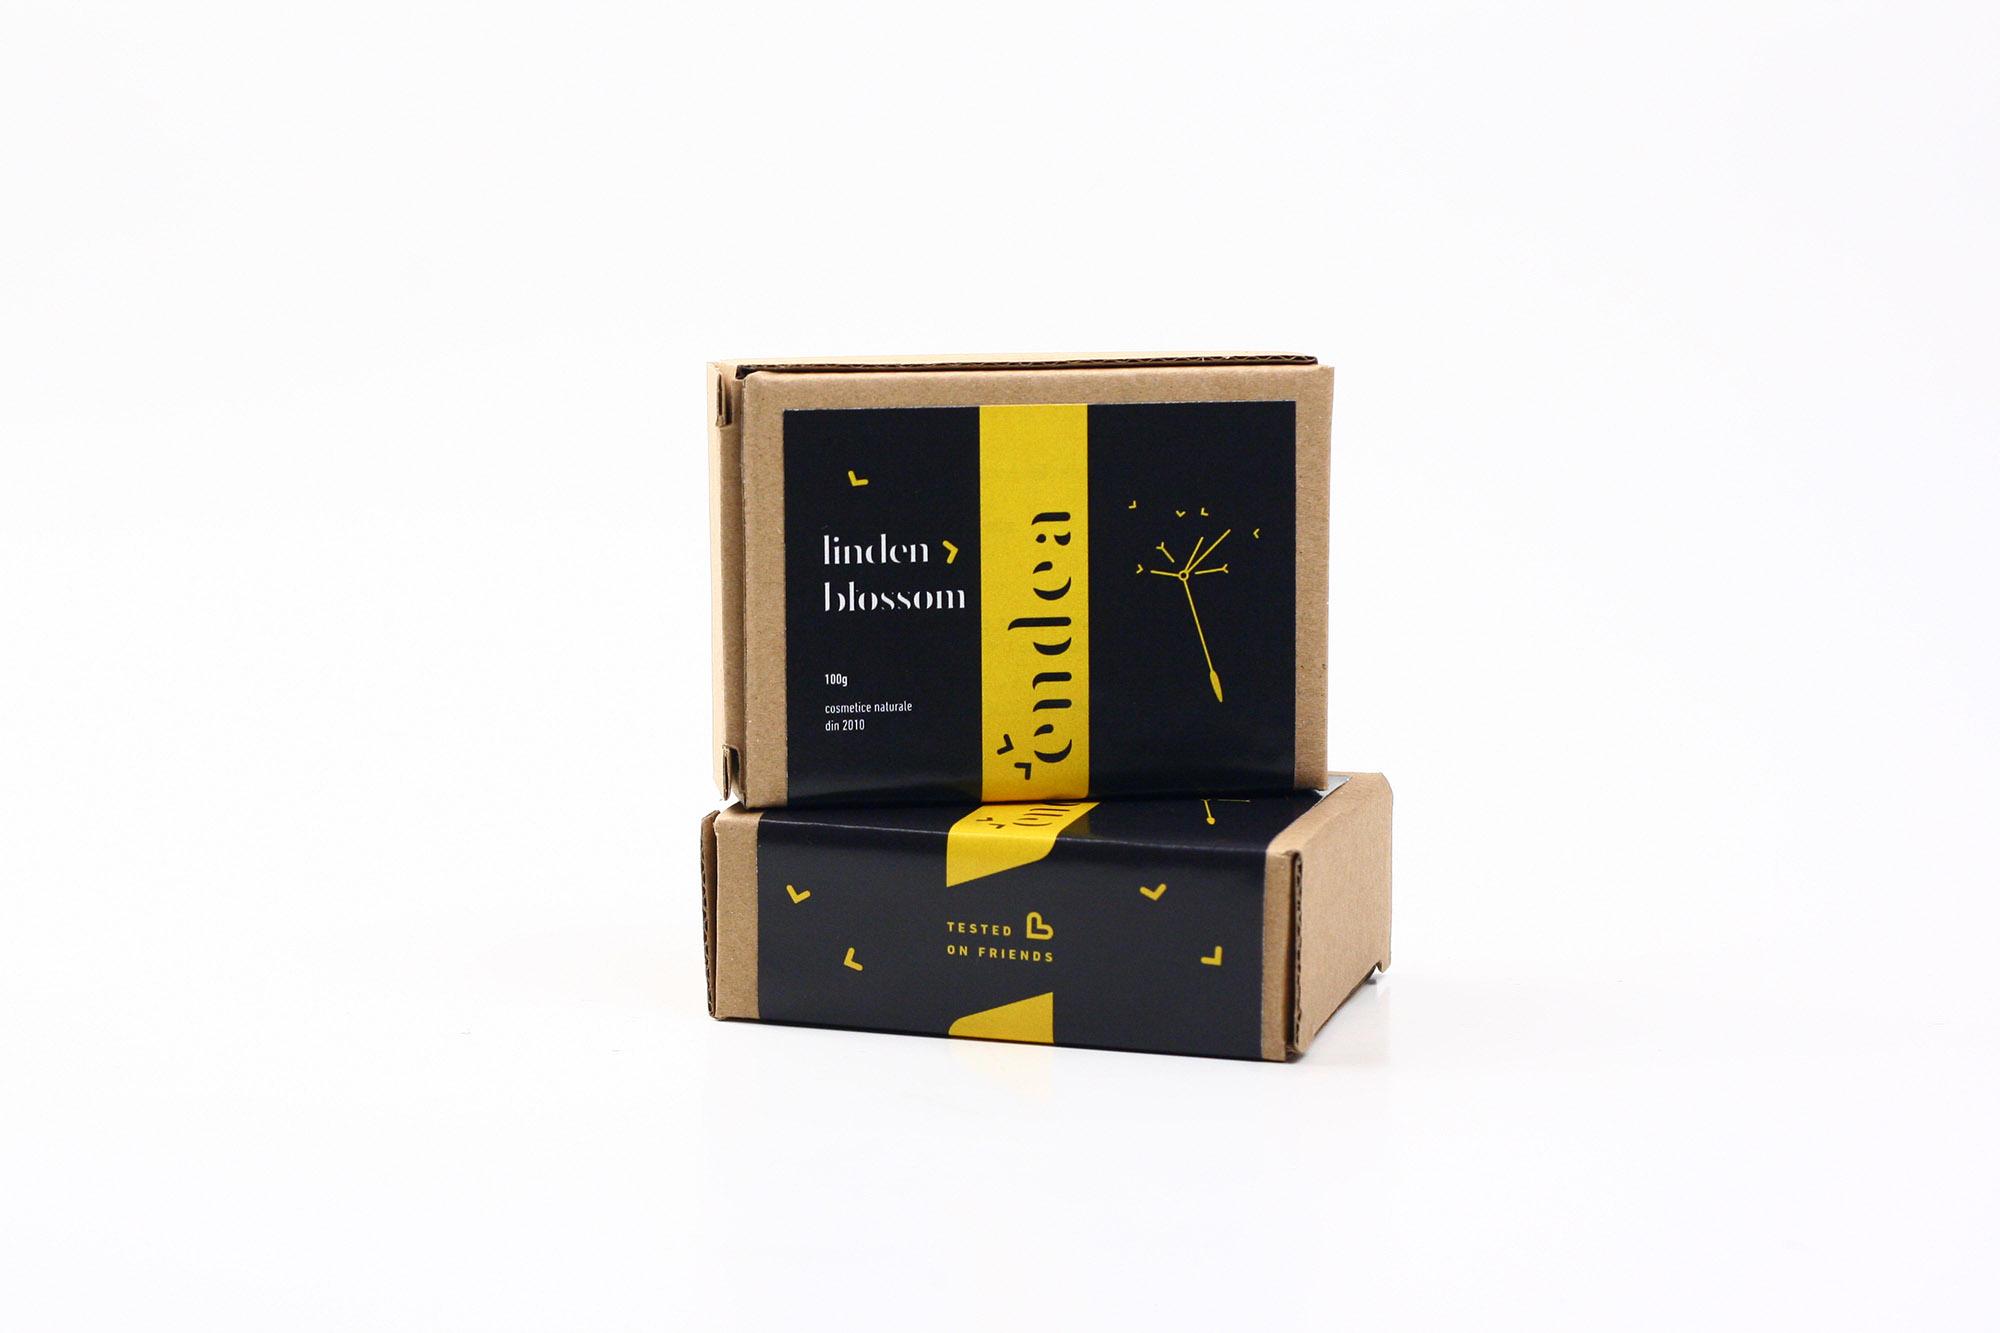 Săpun natural de primăvară cu parfum de tei - Promo cu 20% reducere